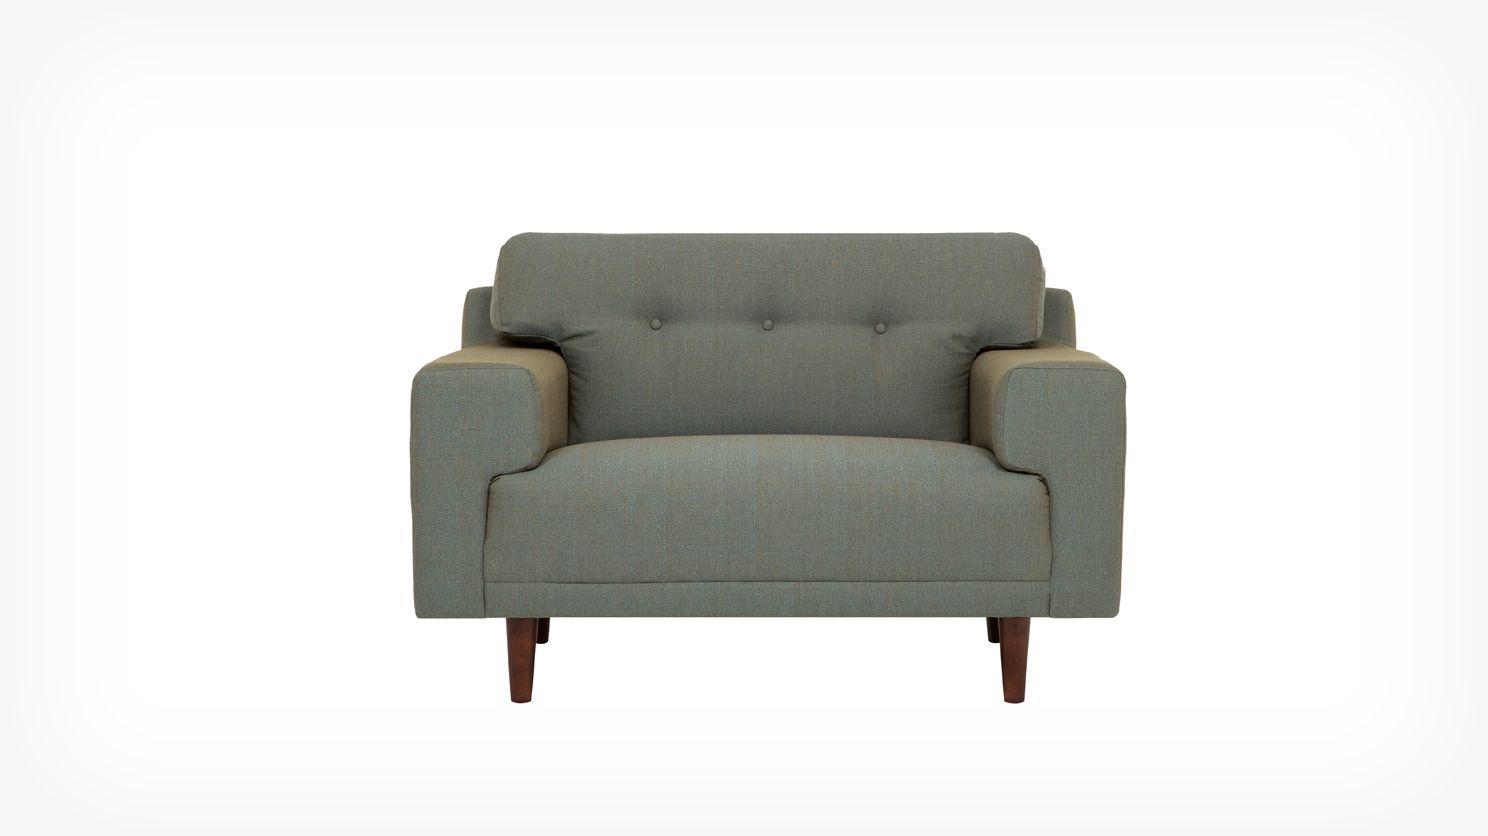 Byrd Chair - Fabric | EQ3 Modern Furniture & Byrd Chair - Fabric | EQ3 Modern Furniture | Chairs | Pinterest ...